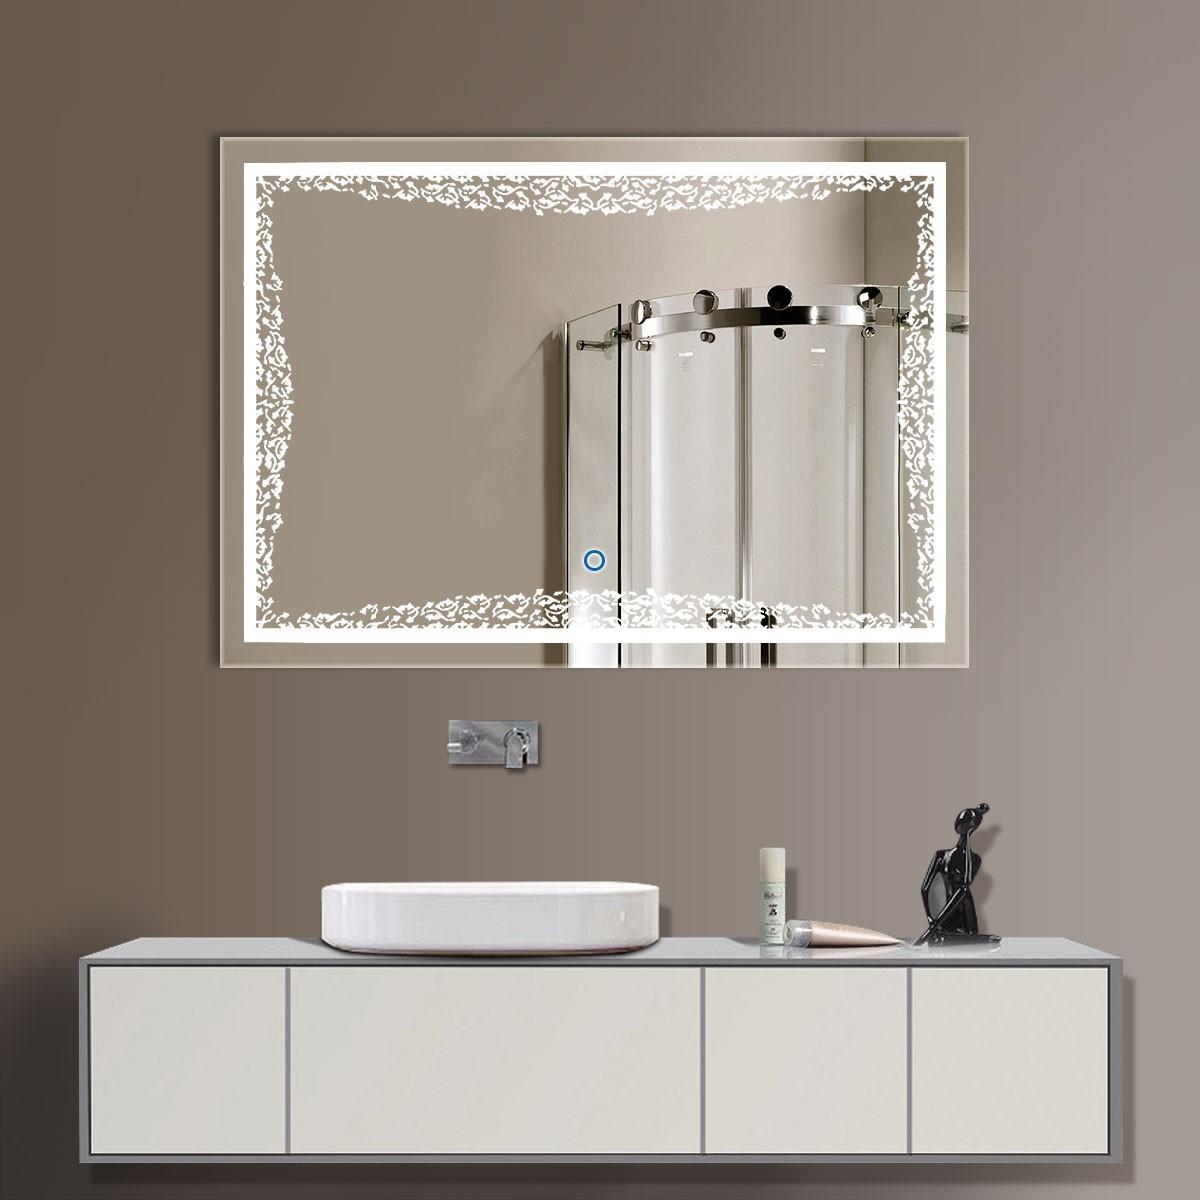 24 x 32 po miroir led horizontal argent de salle de bains avec l interrupteur tactile dk od for Miroir horizontal